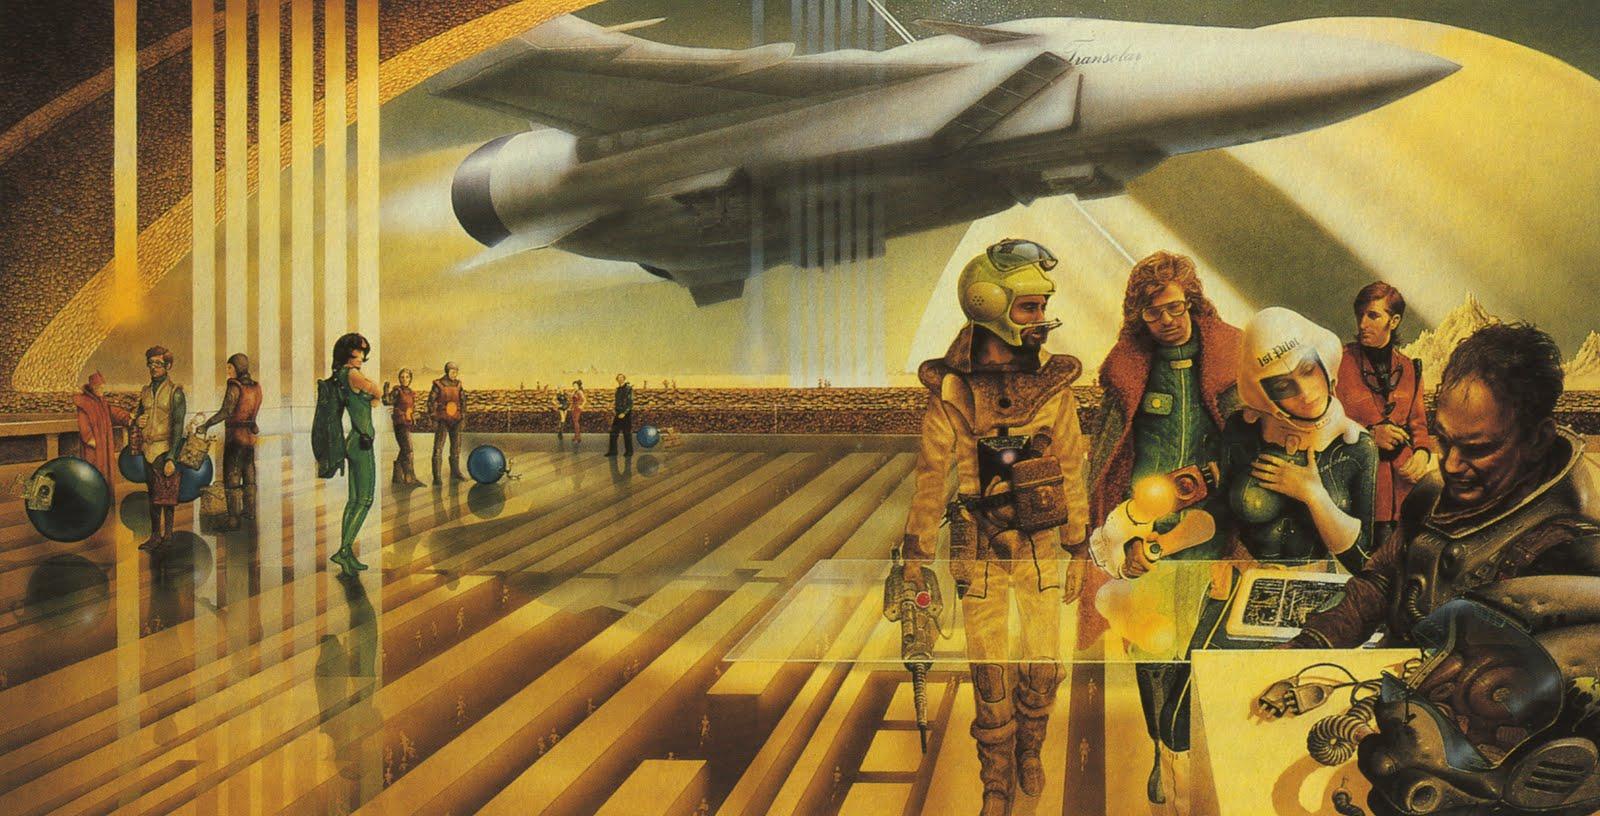 Jim Burns - Mechanismo Spaceport